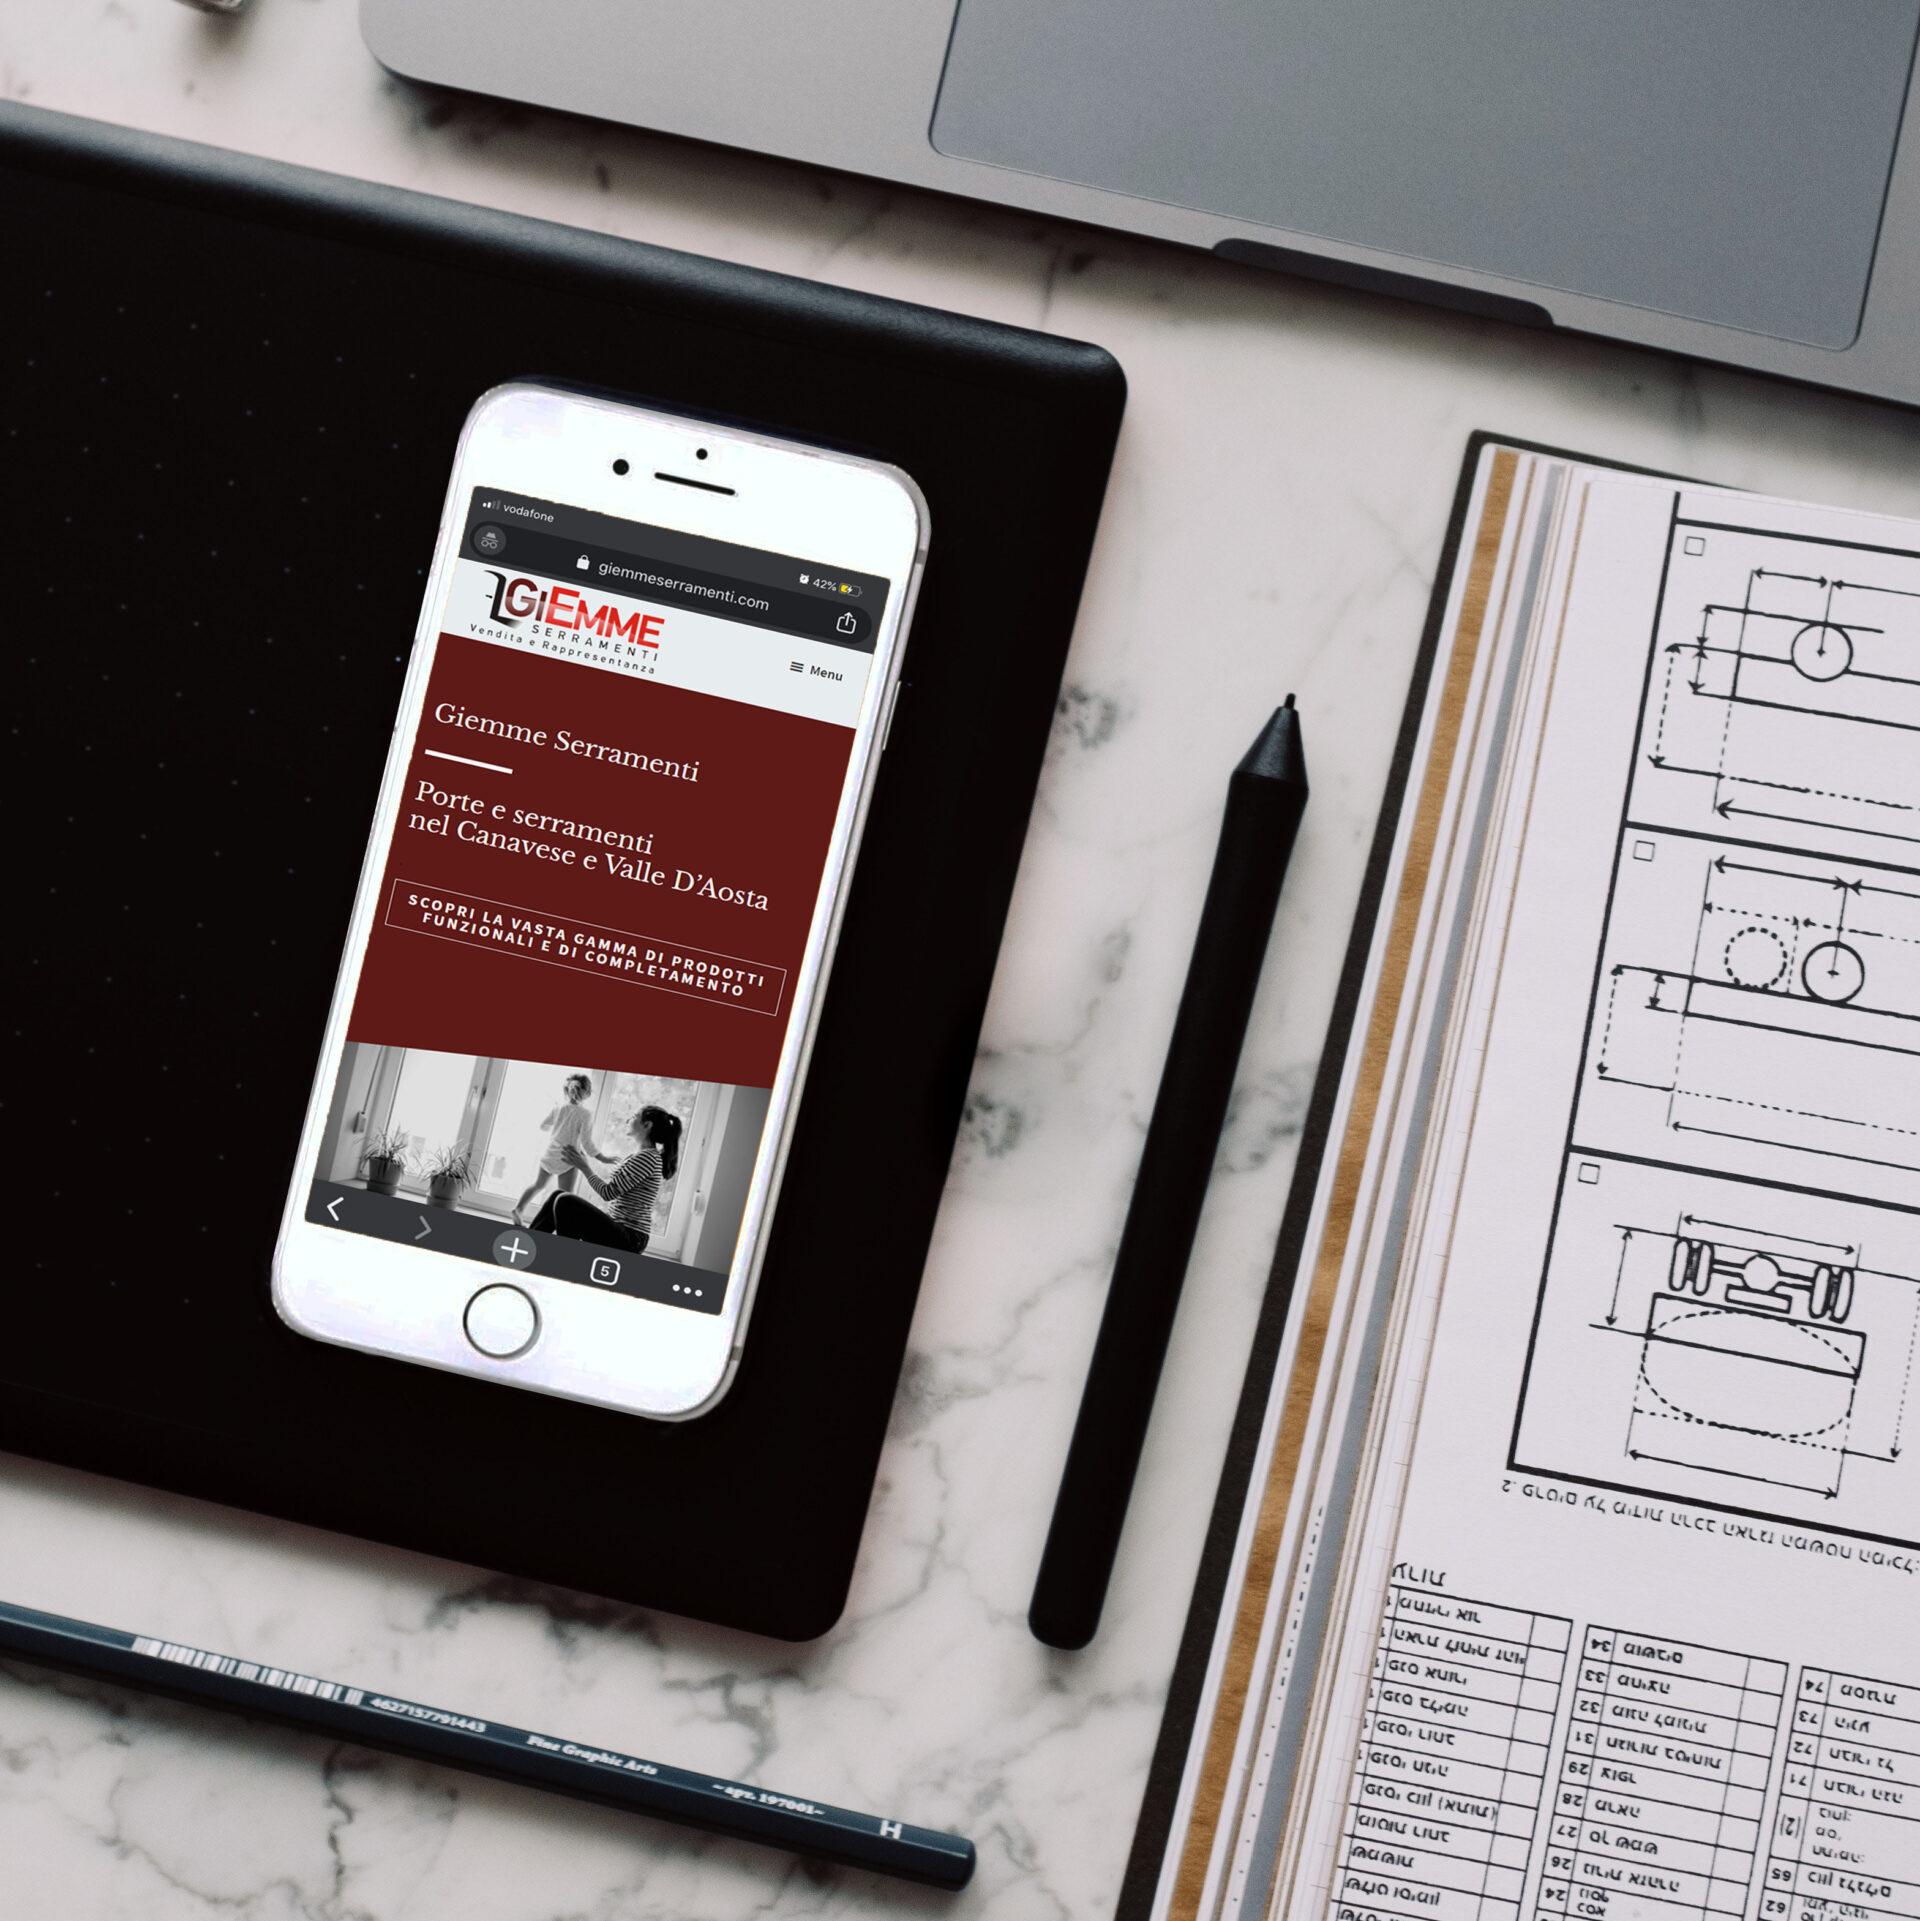 Sito Giemme Serramenti con visualizzazione da iphone